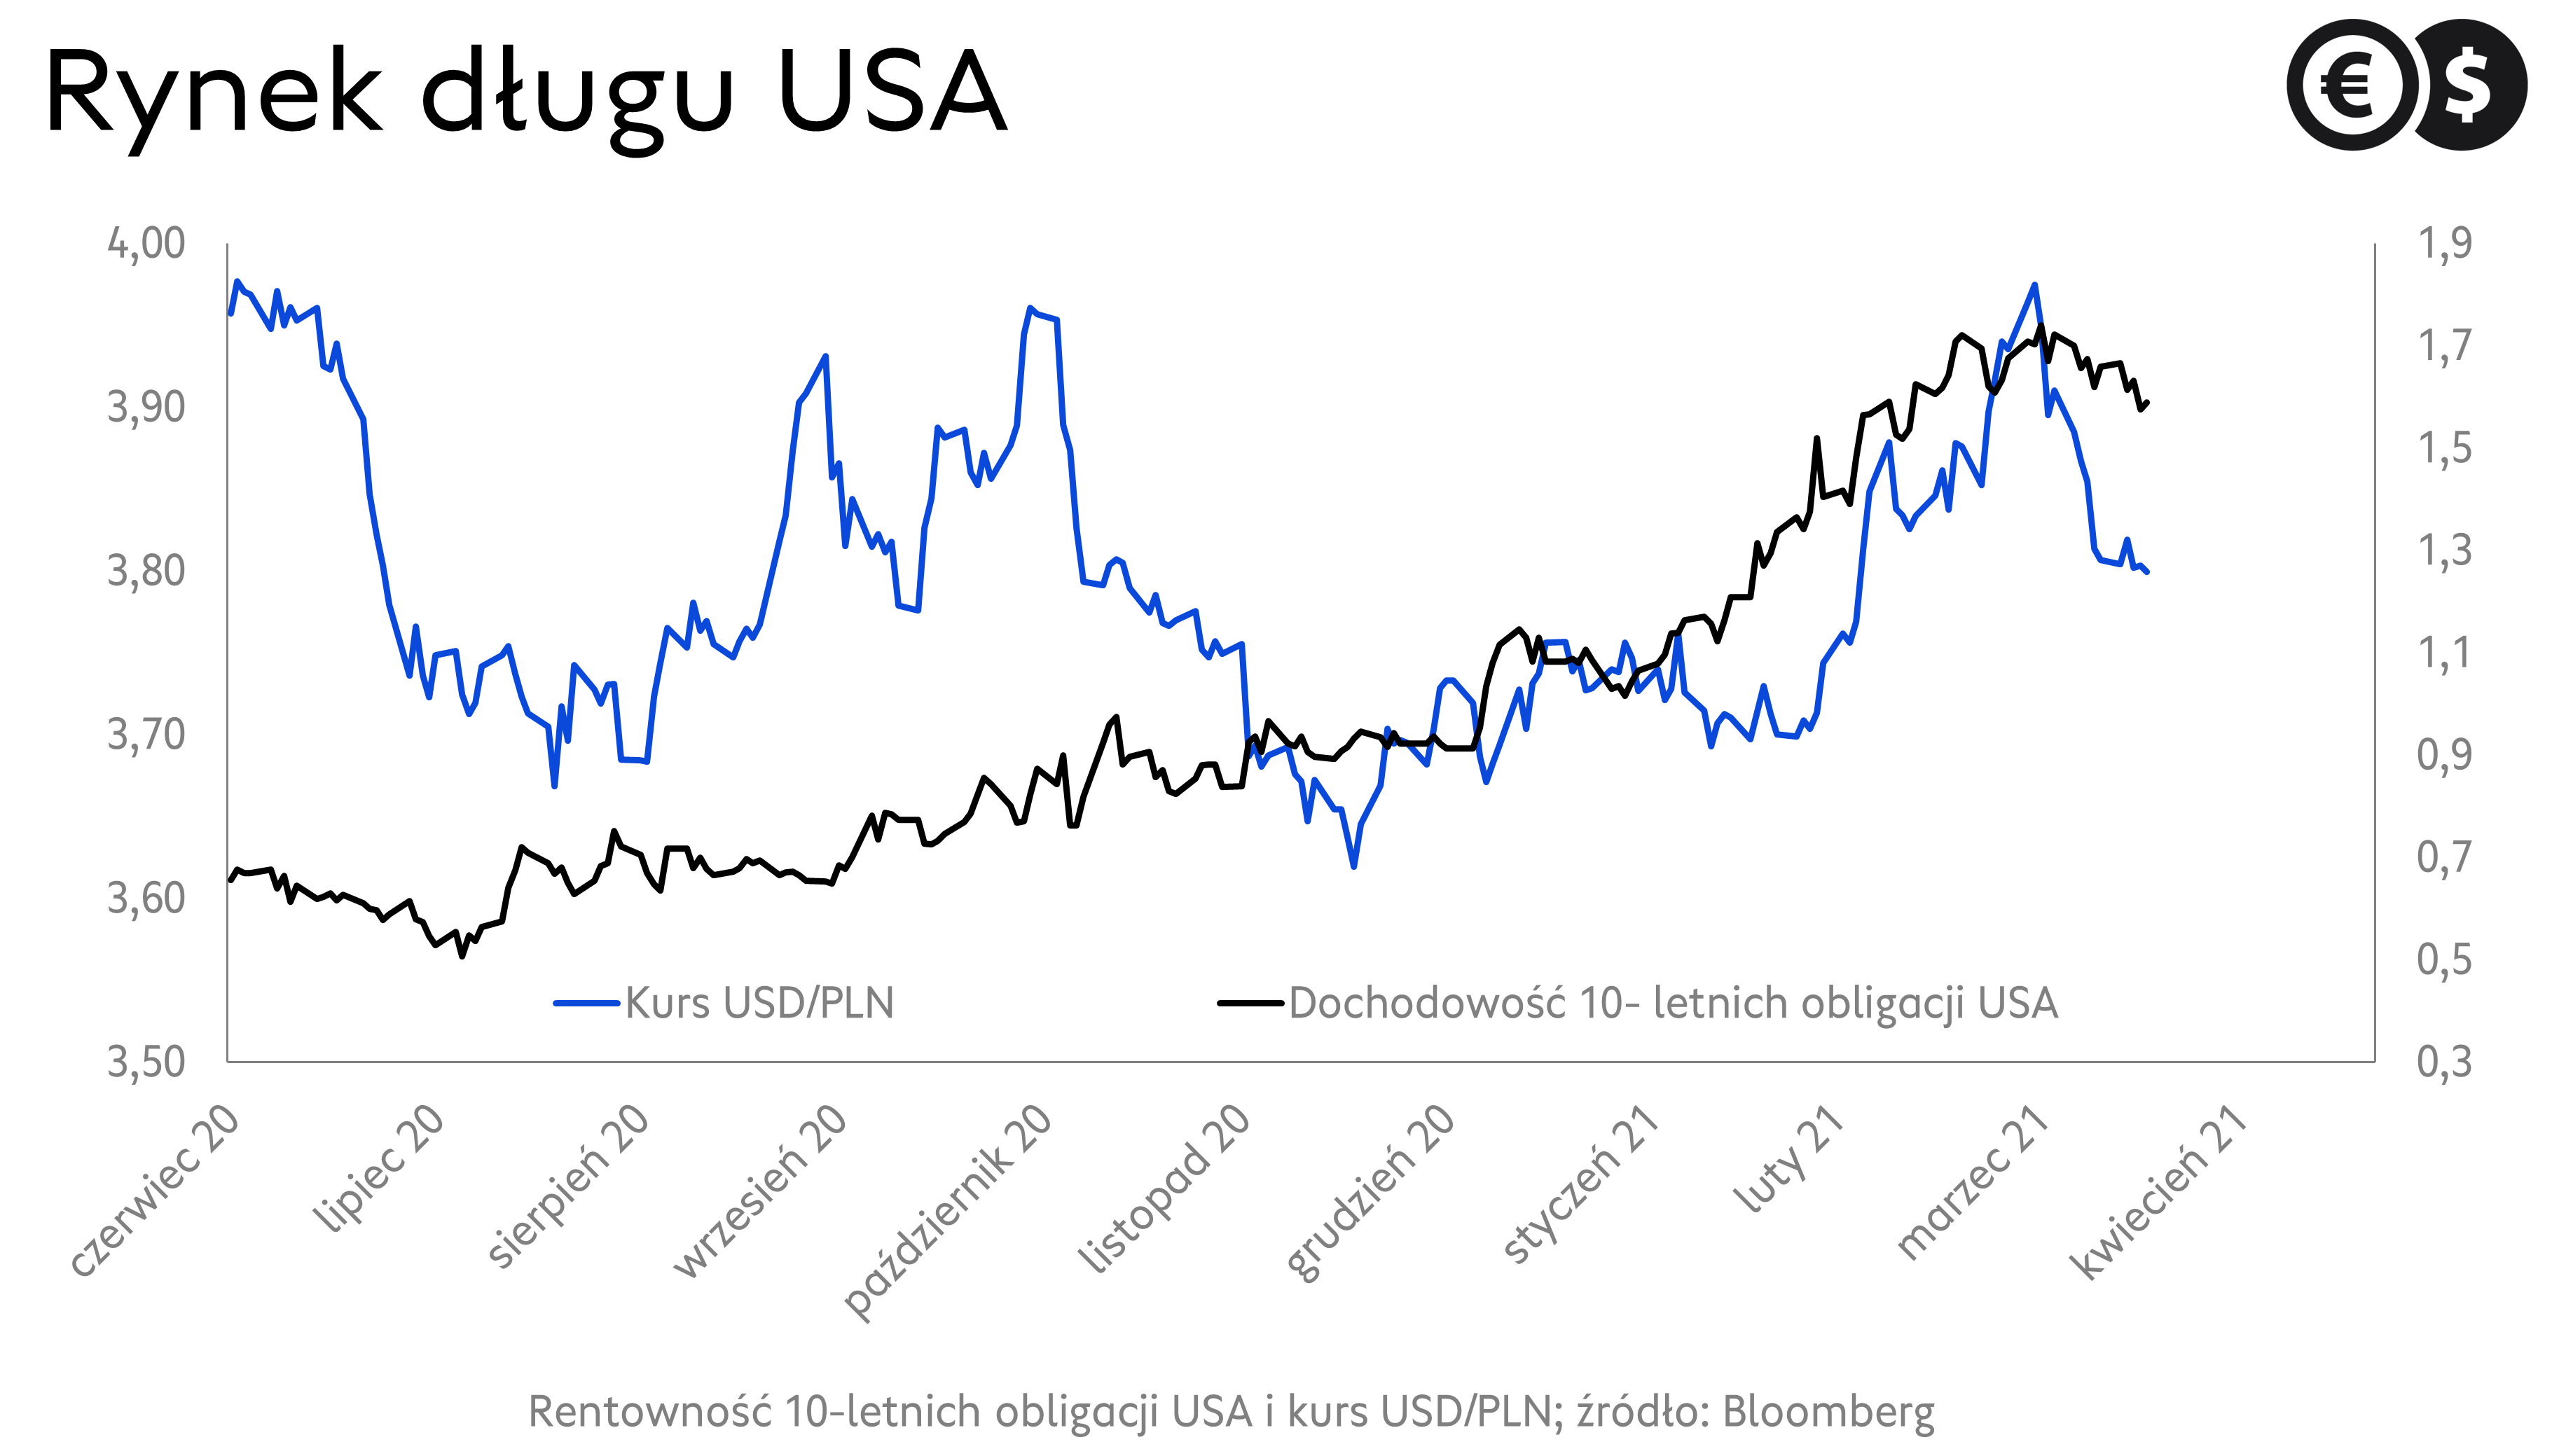 Kurs dolara, wykres EUR/USD i rentowności dziesięcioletnich obligacji USA; źródło: Bloomberg